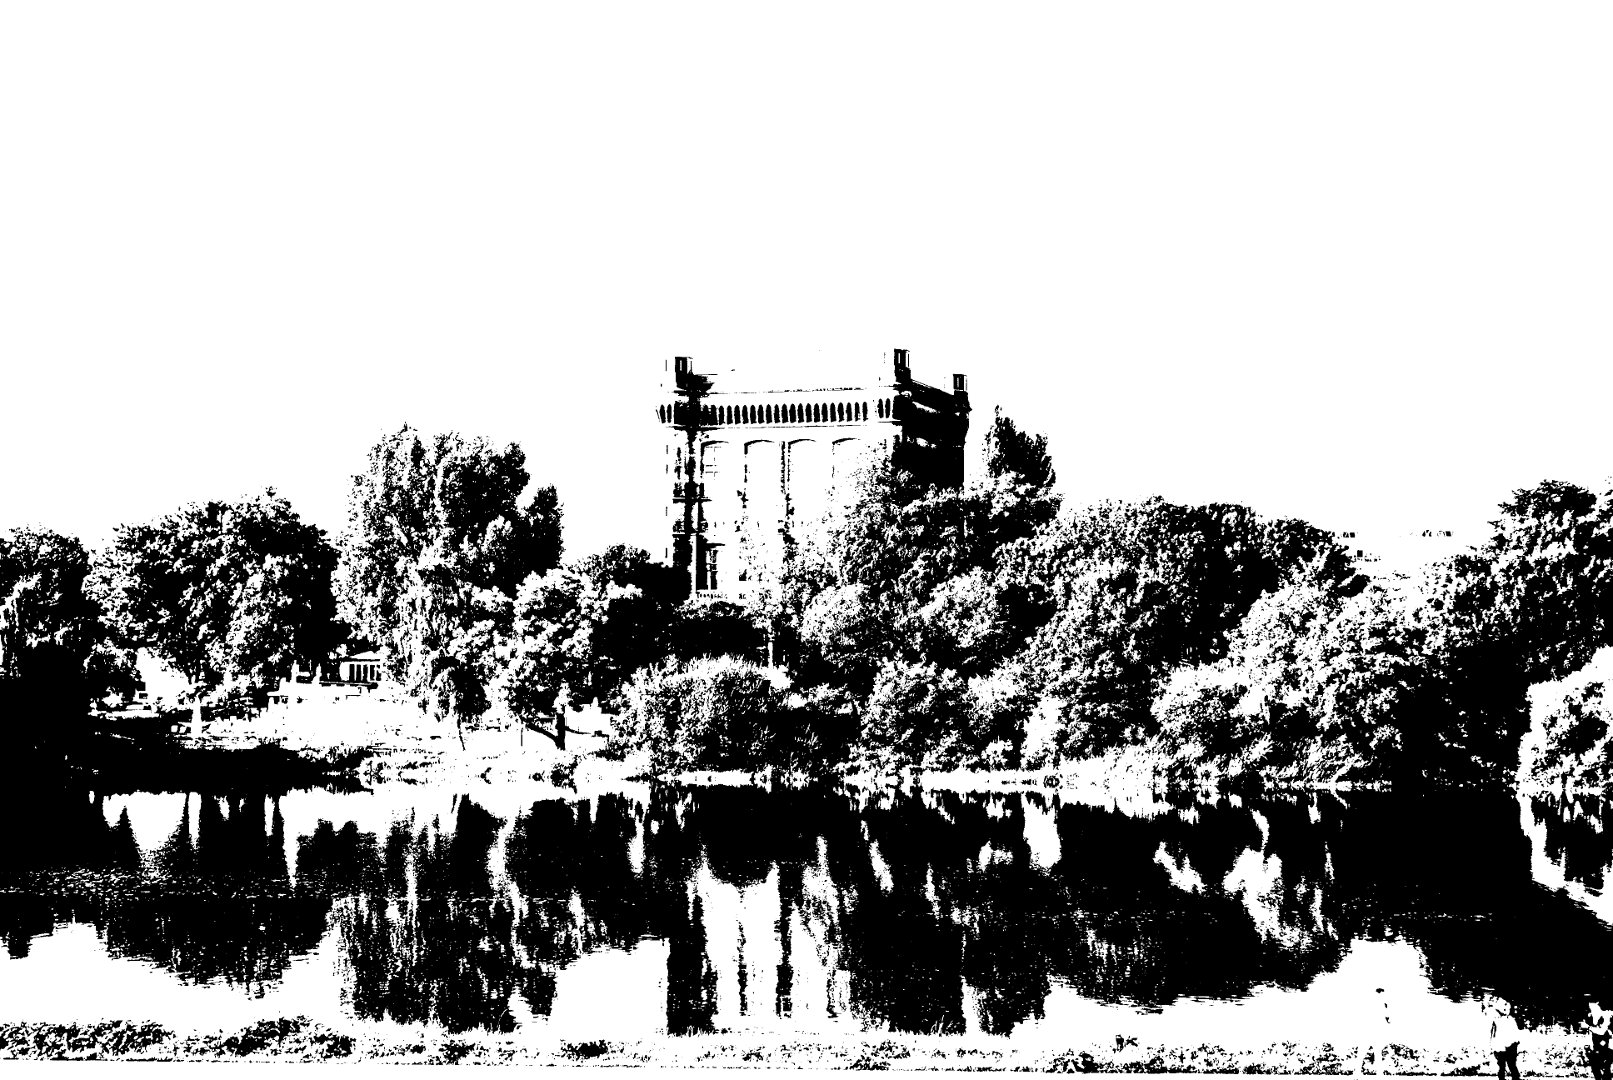 """Der Wasserturm auf dem Werder ist der älteste Wasserturm der Stadt Bremen. Das 47 Meter hohe Gebäude wird im Volksmund auch """"Umgedrehte Kommode"""" genannt."""